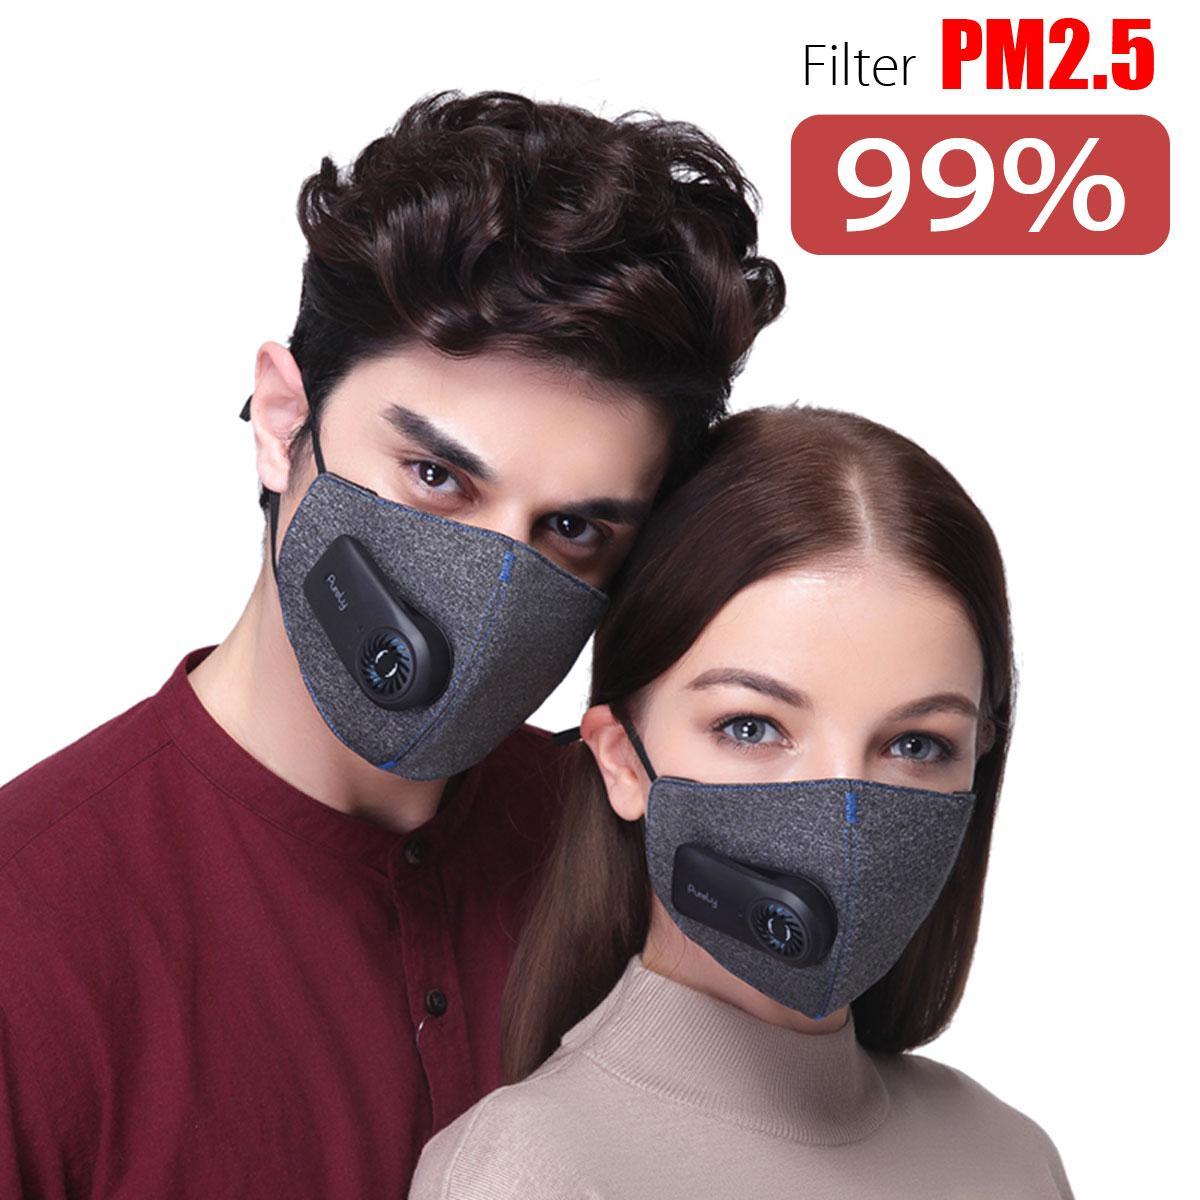 ماسک فیلتردار شیائومی